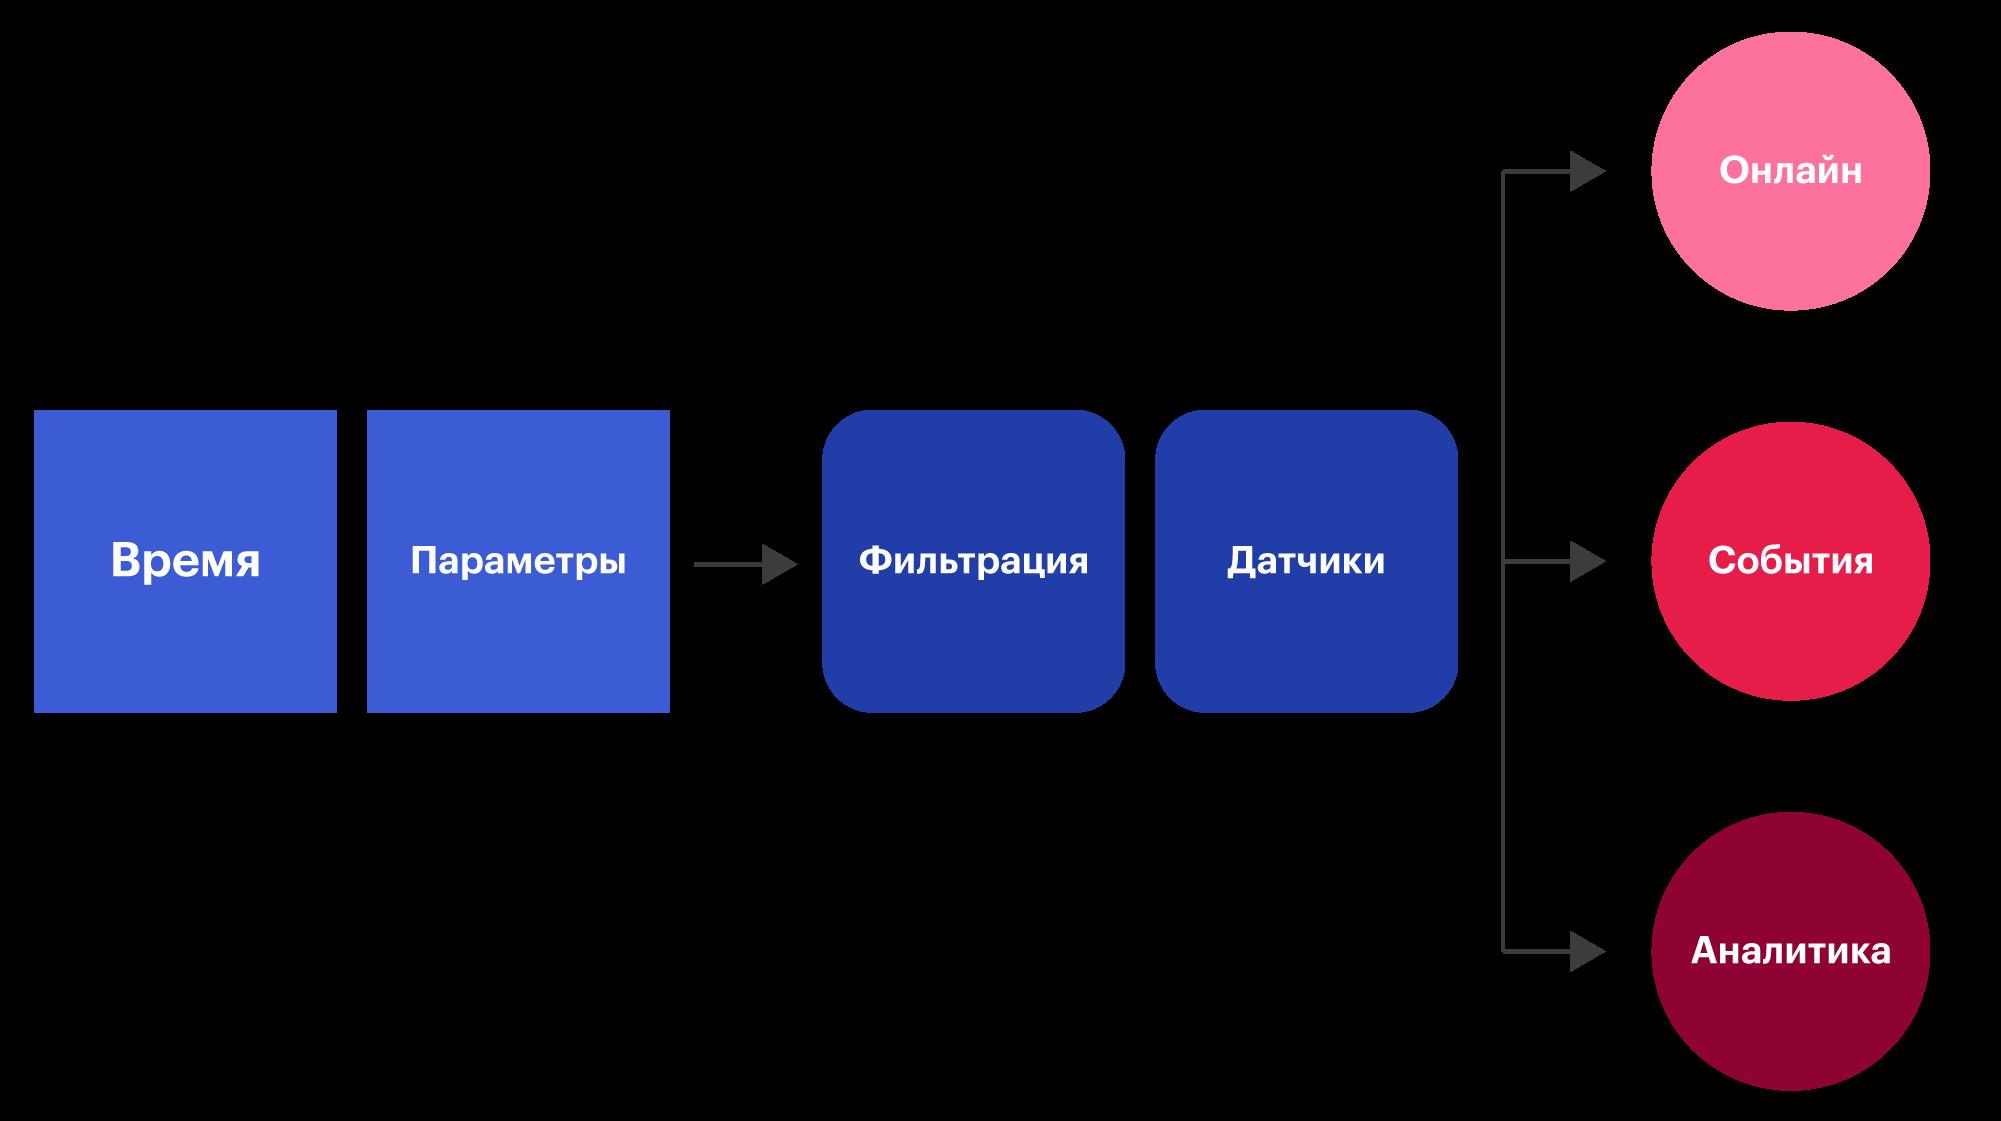 Виды данных и способы обработки